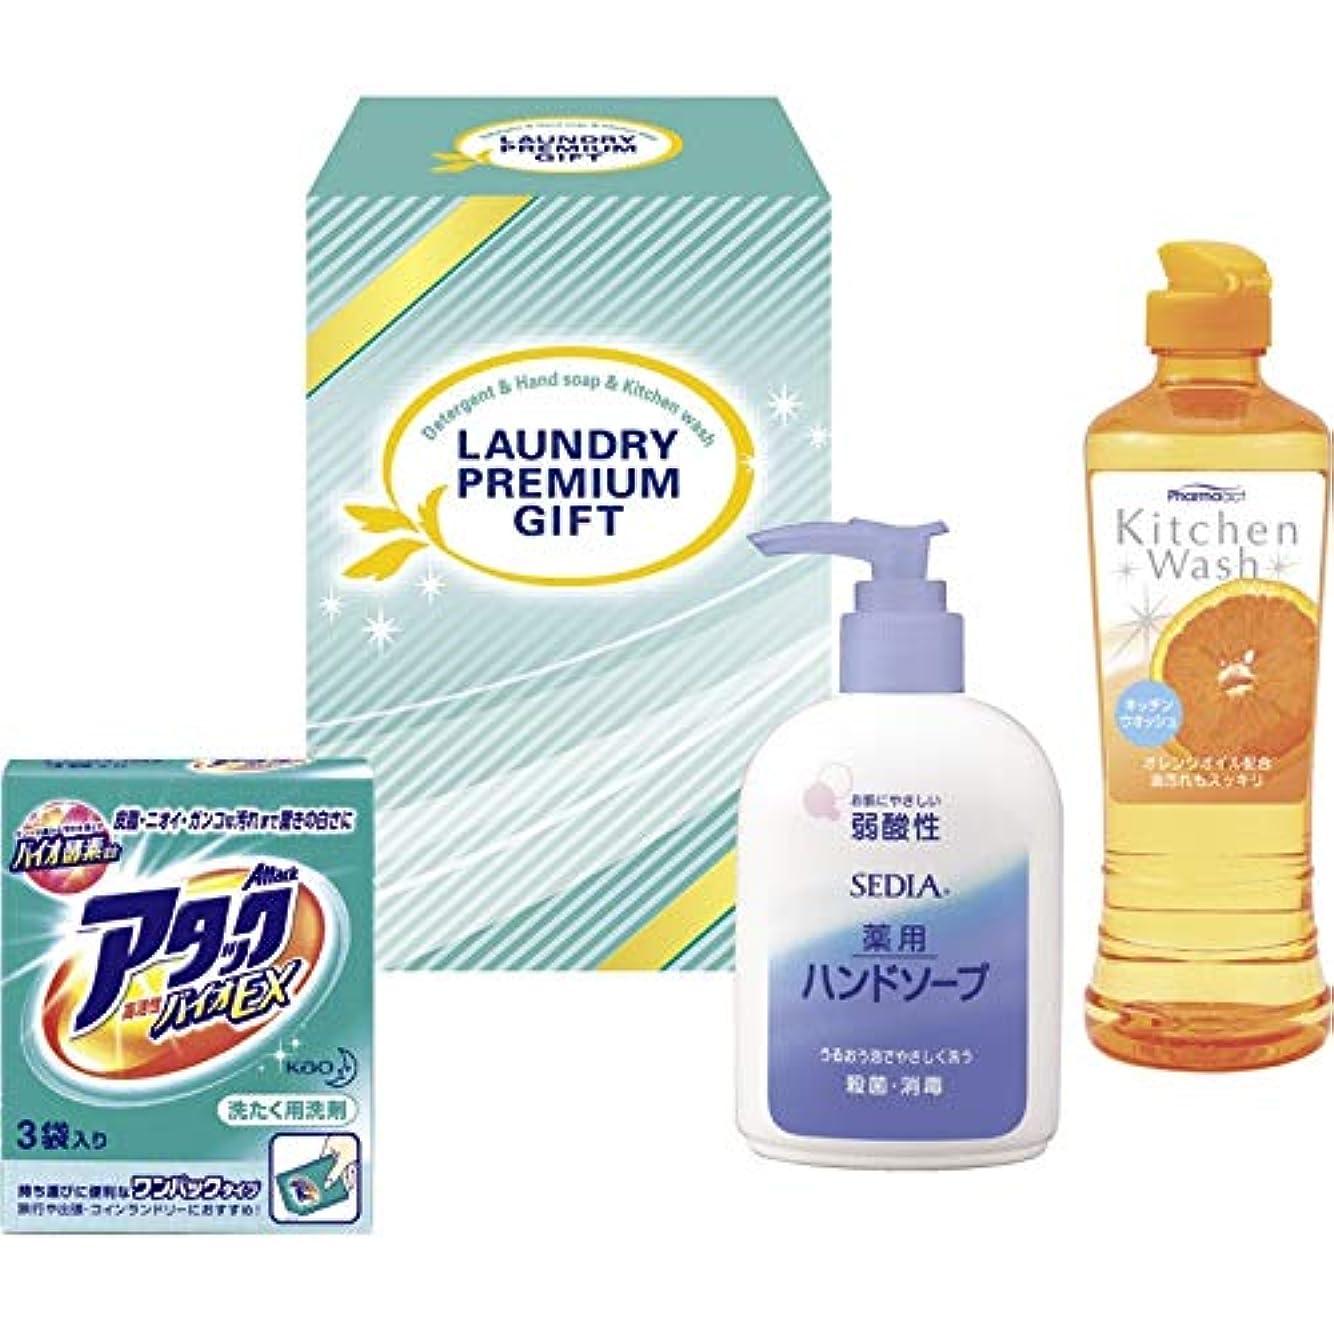 洗剤プレミアムギフト NO.183 【洗剤 ハンドソープ 食器用洗剤 台所 かわいい 洗面所 水回り 】